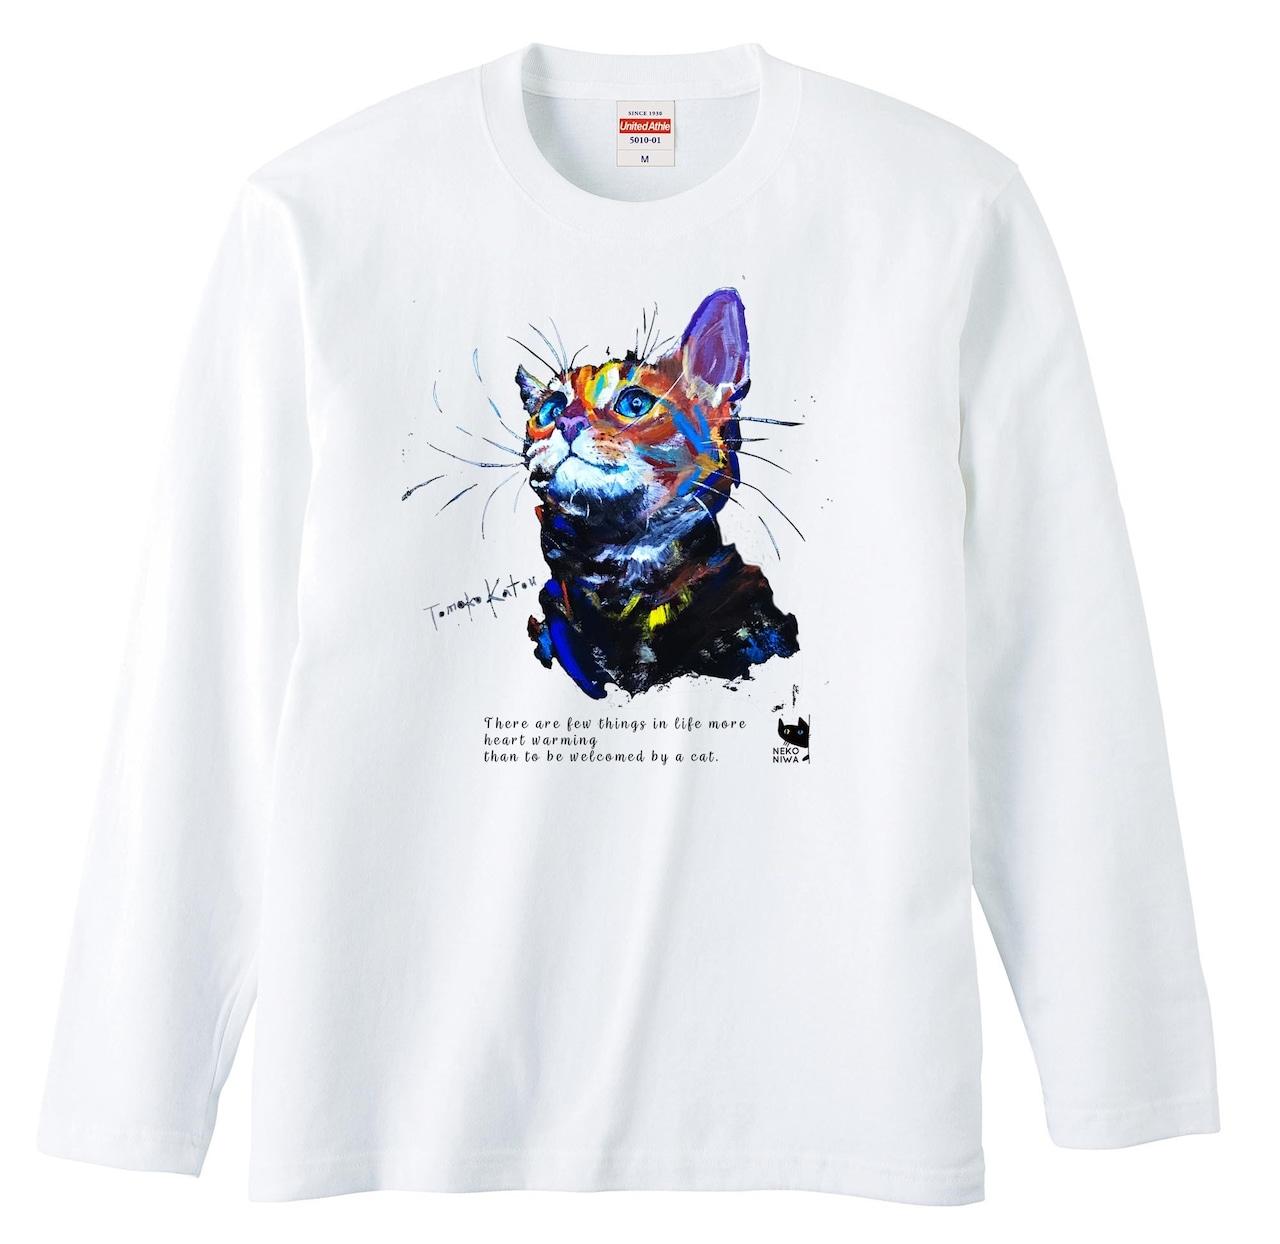 猫庭ロングスリーブ +TOMOKO KATOU model ■ Espoir エスポア 全国送料無料‼